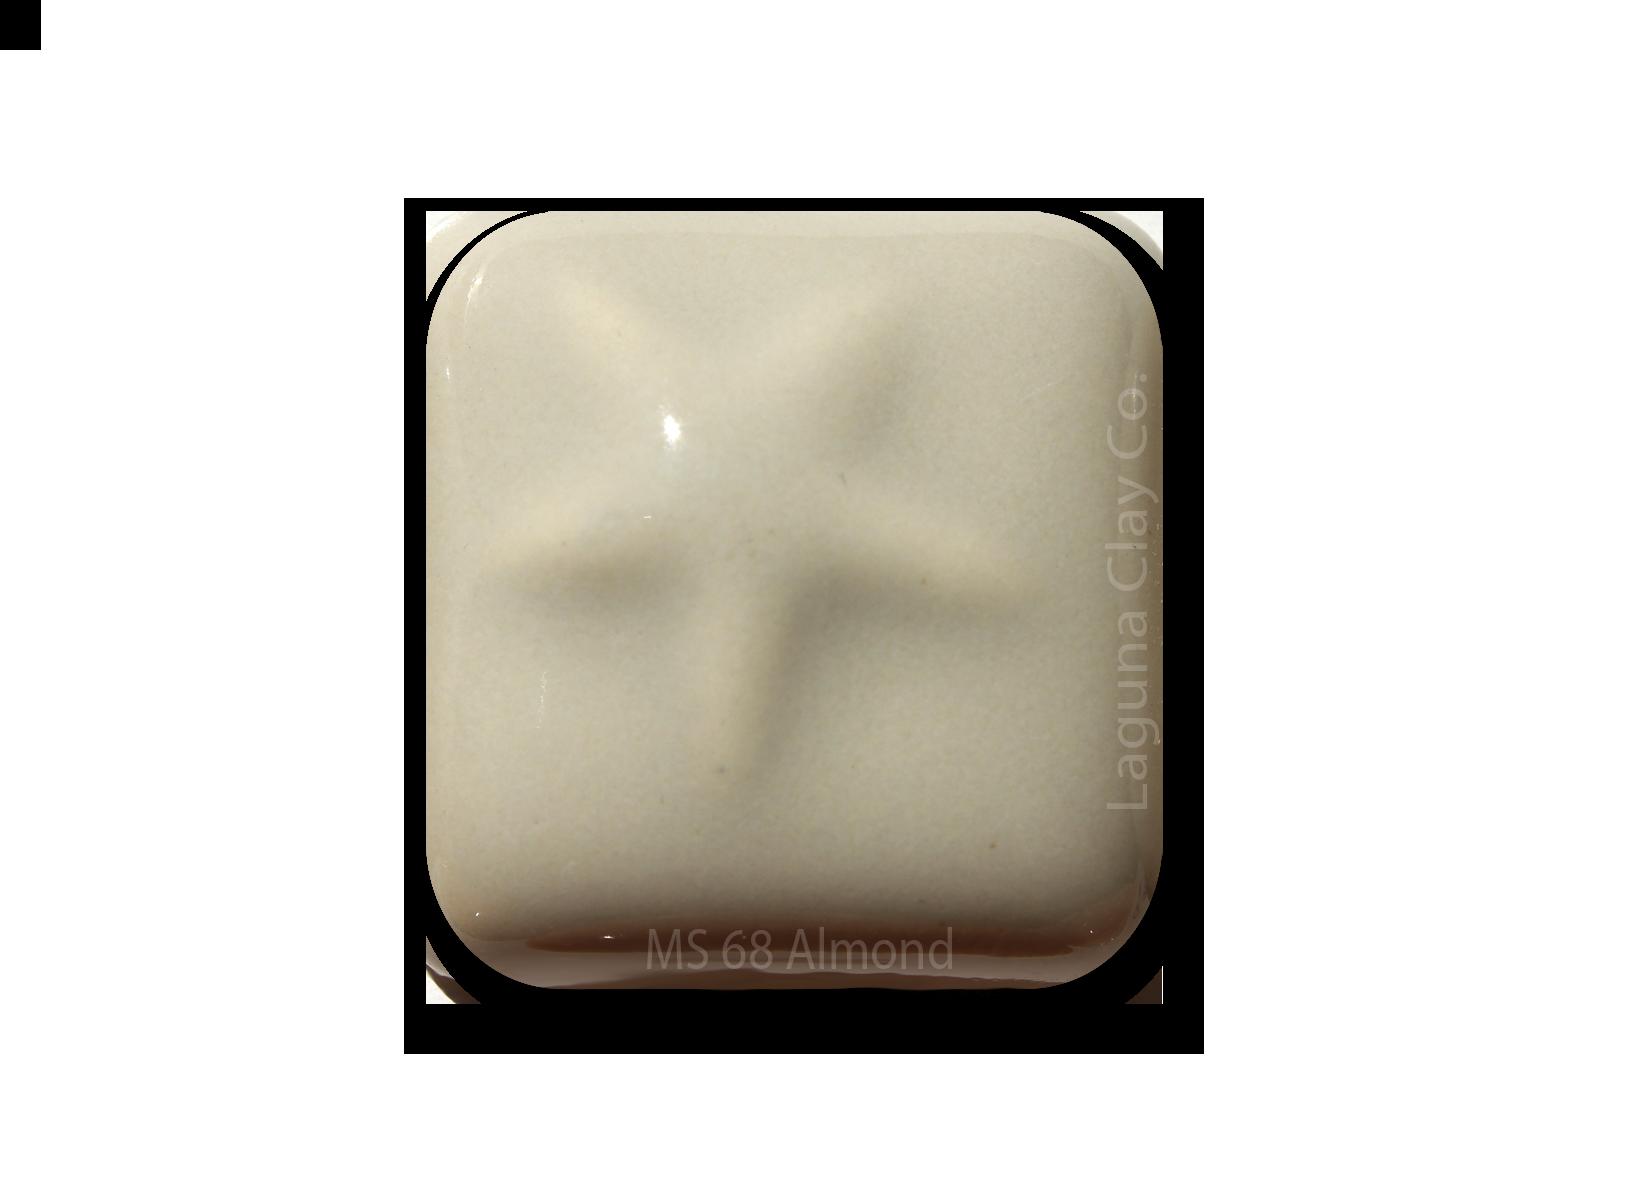 MS-68 Almond